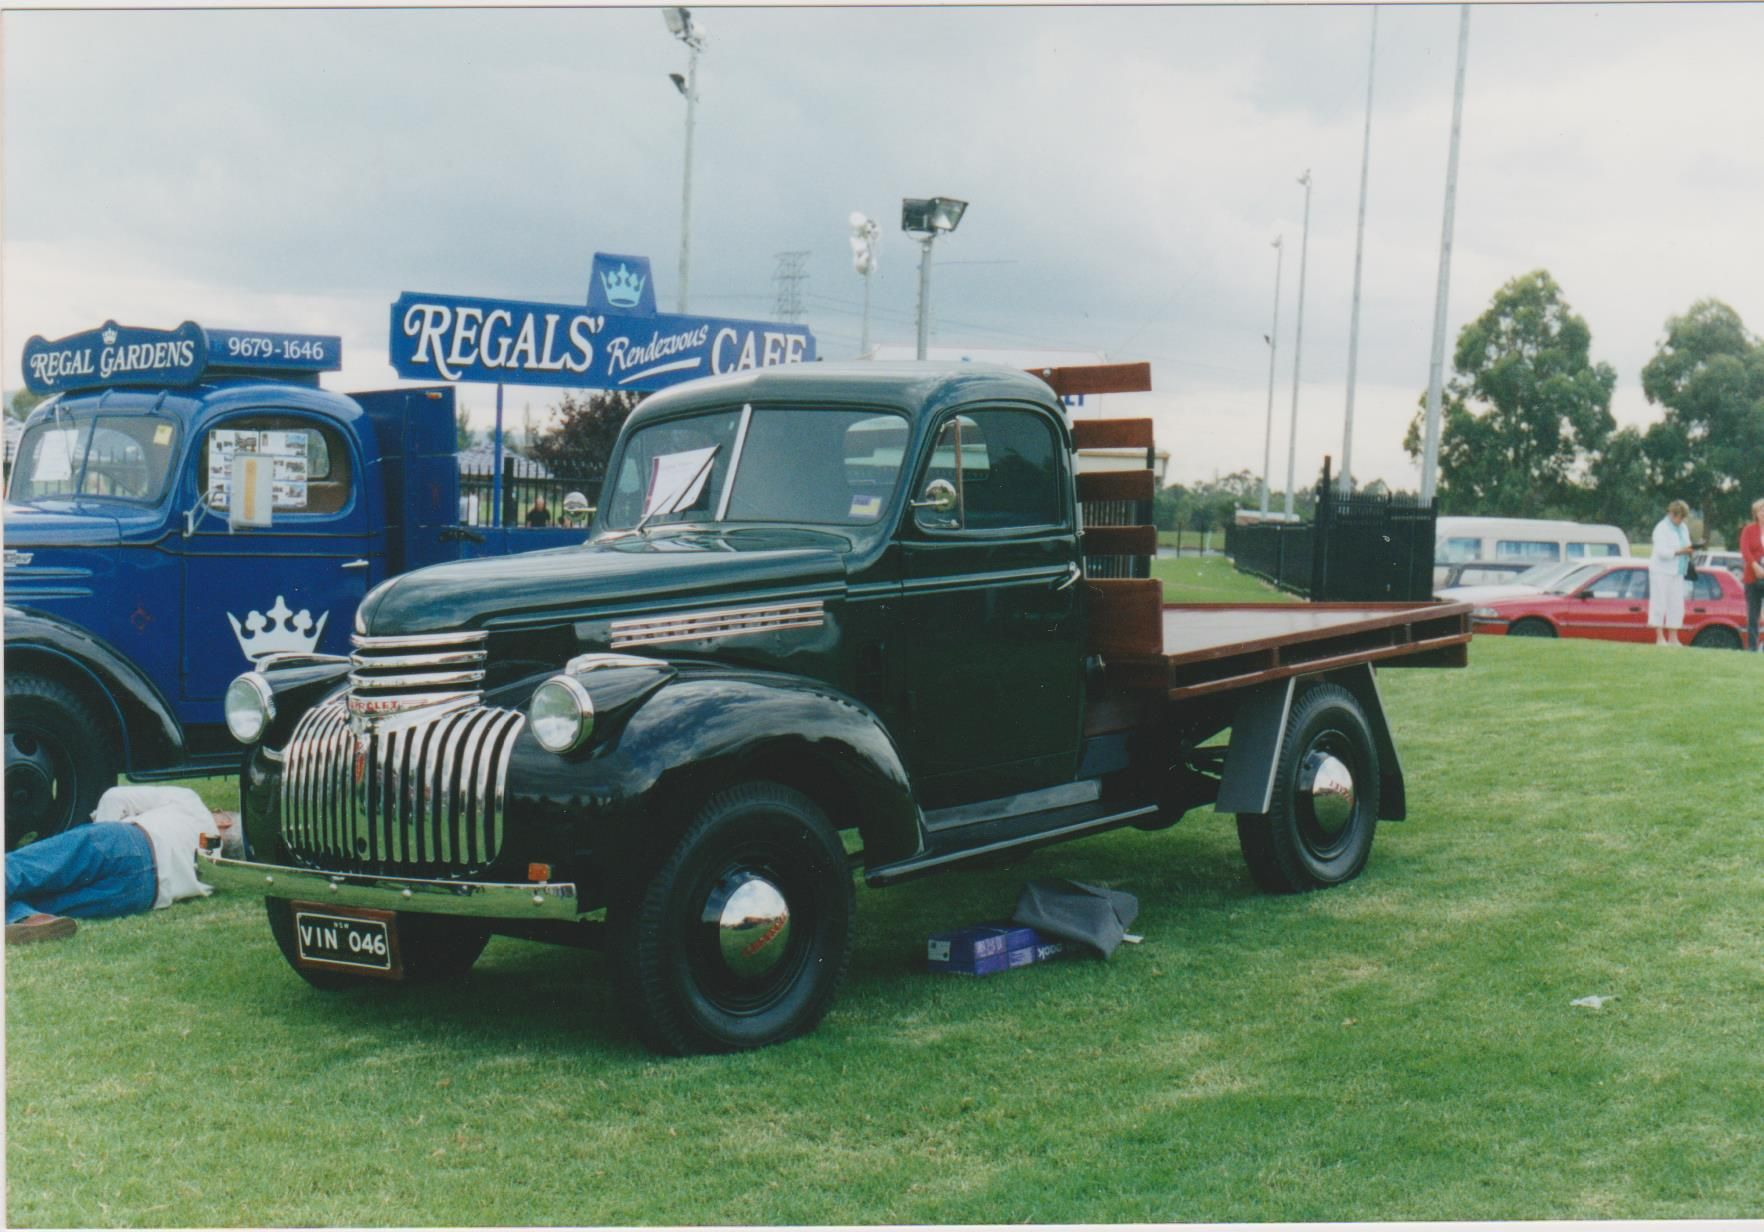 1946 Holdens Body Chevrolet Australian Assembled Series 15 Truck